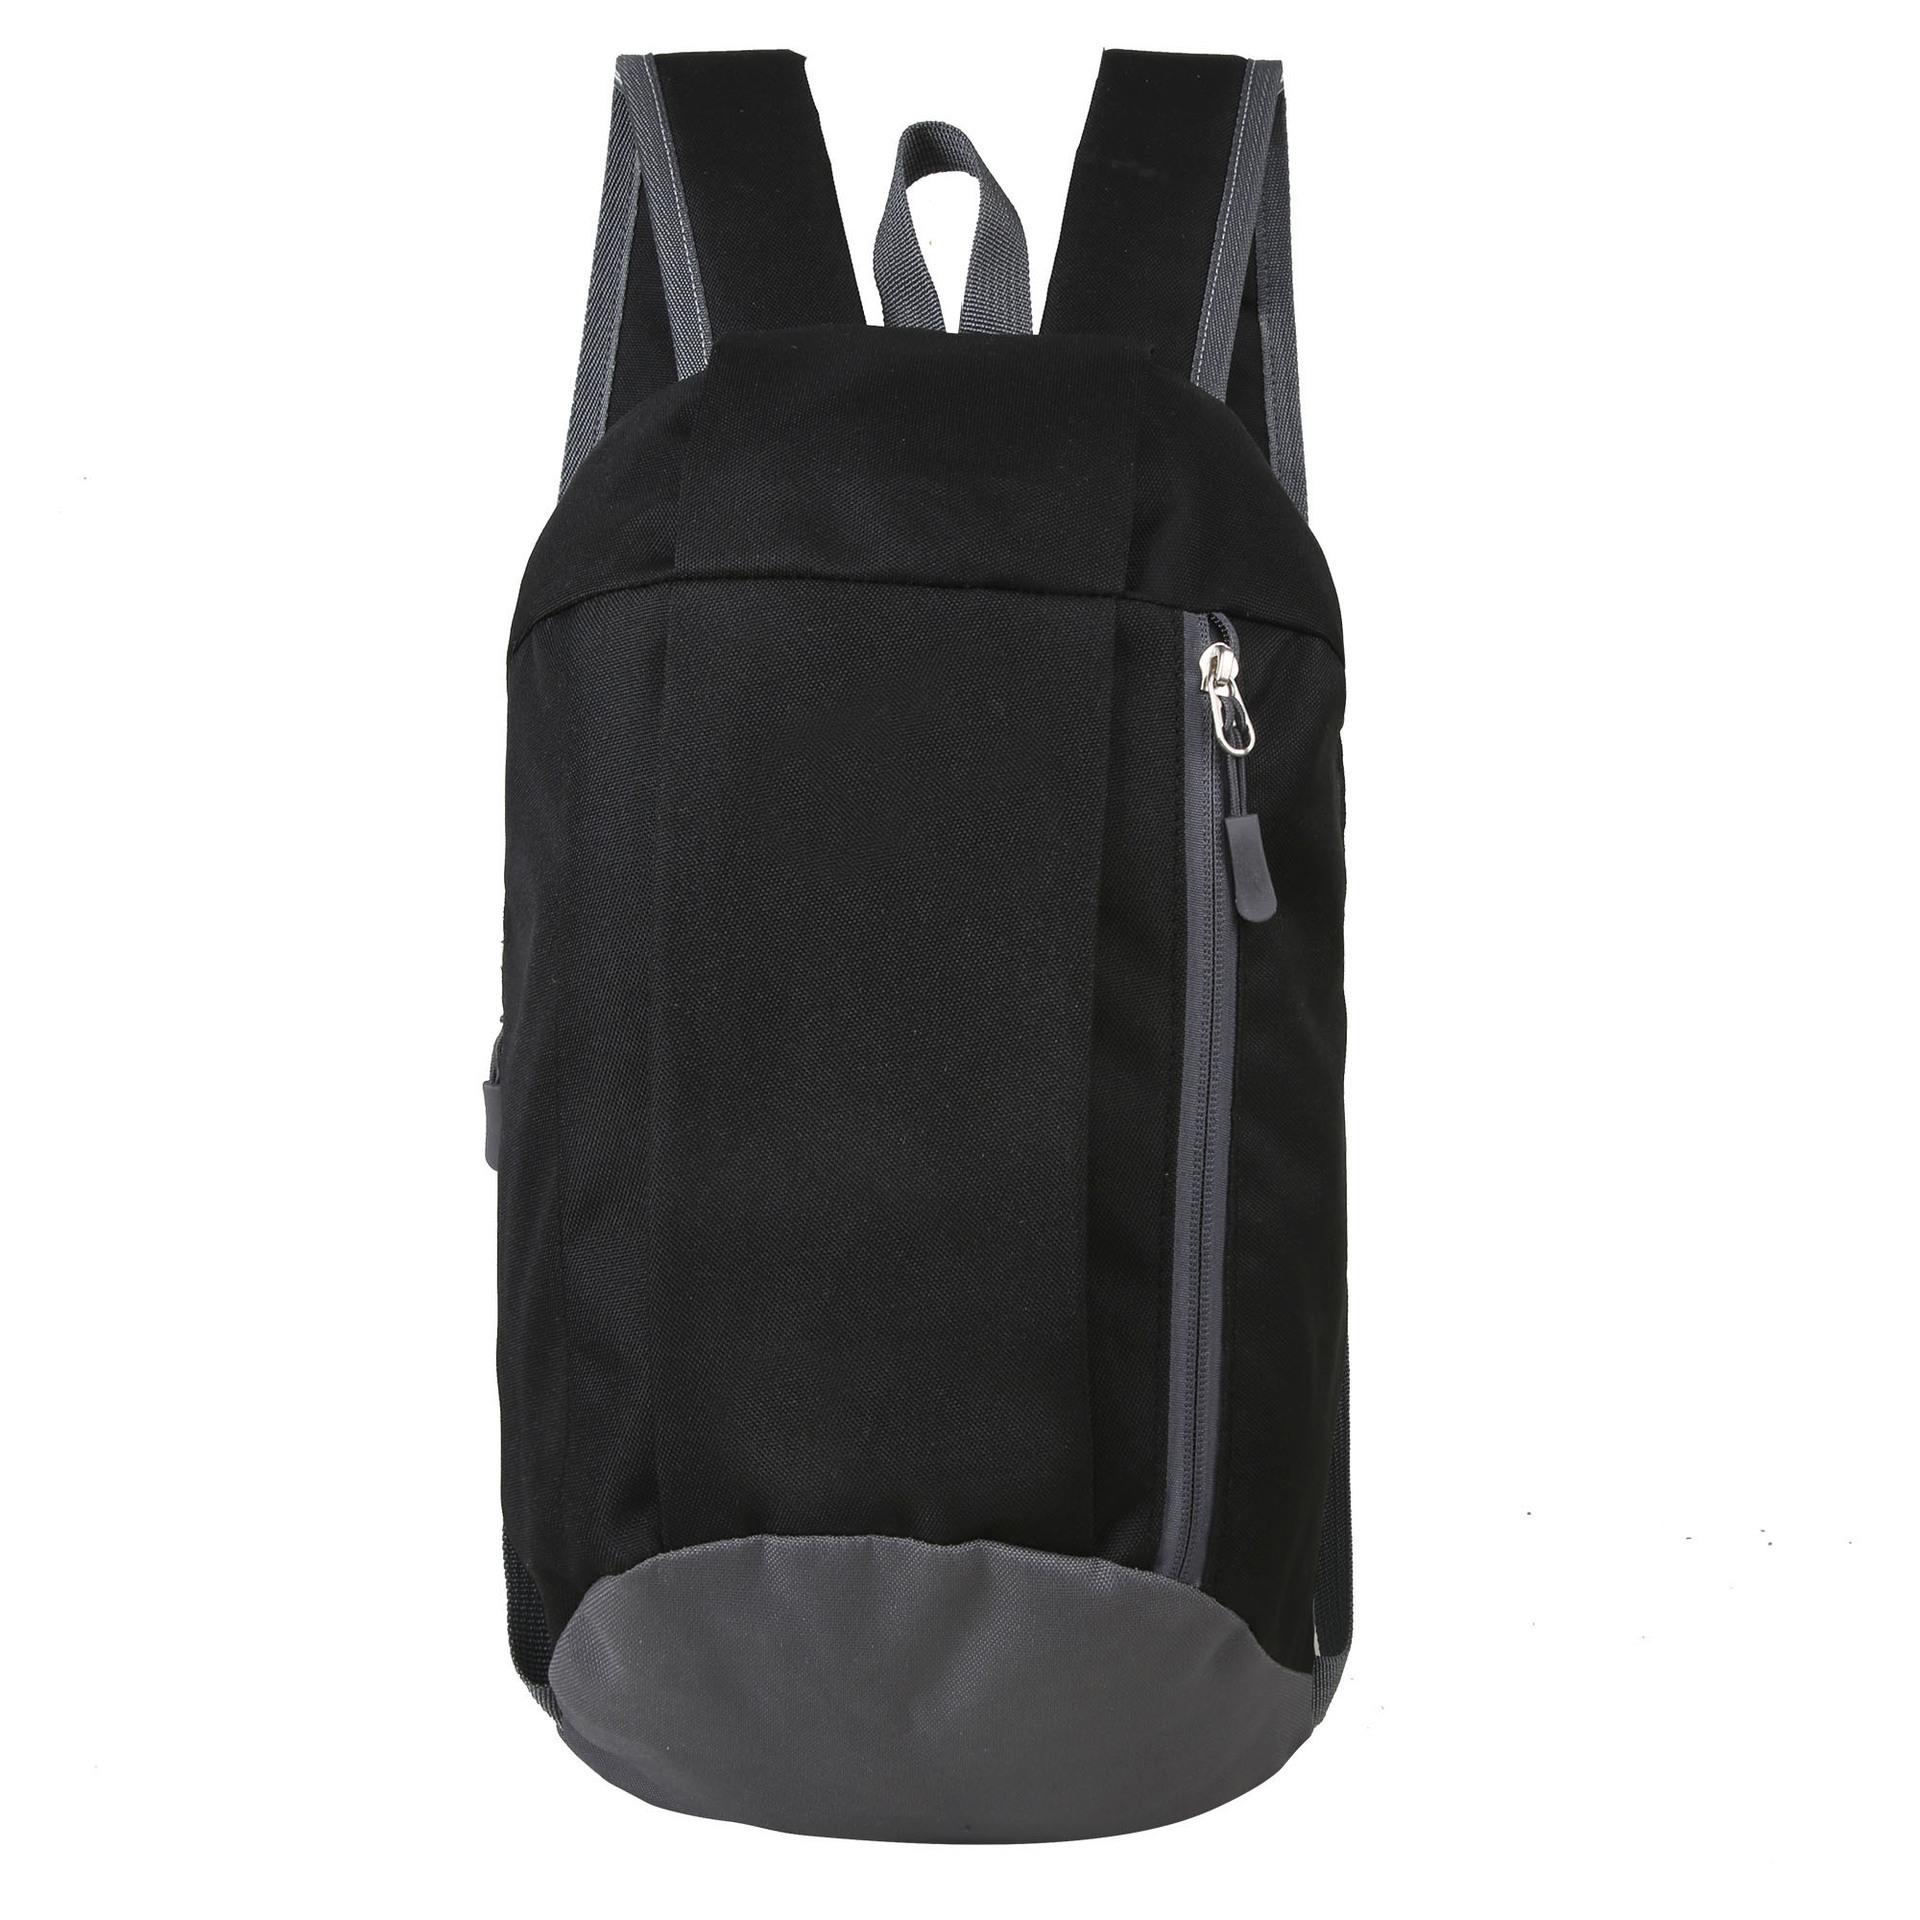 sportivnyj rjukzak s logotipom na zakaz flytrip 26 - Спортивный рюкзак с логотипом (на заказ) FlyTrip: 20 л, нейлон 300D/ 600D